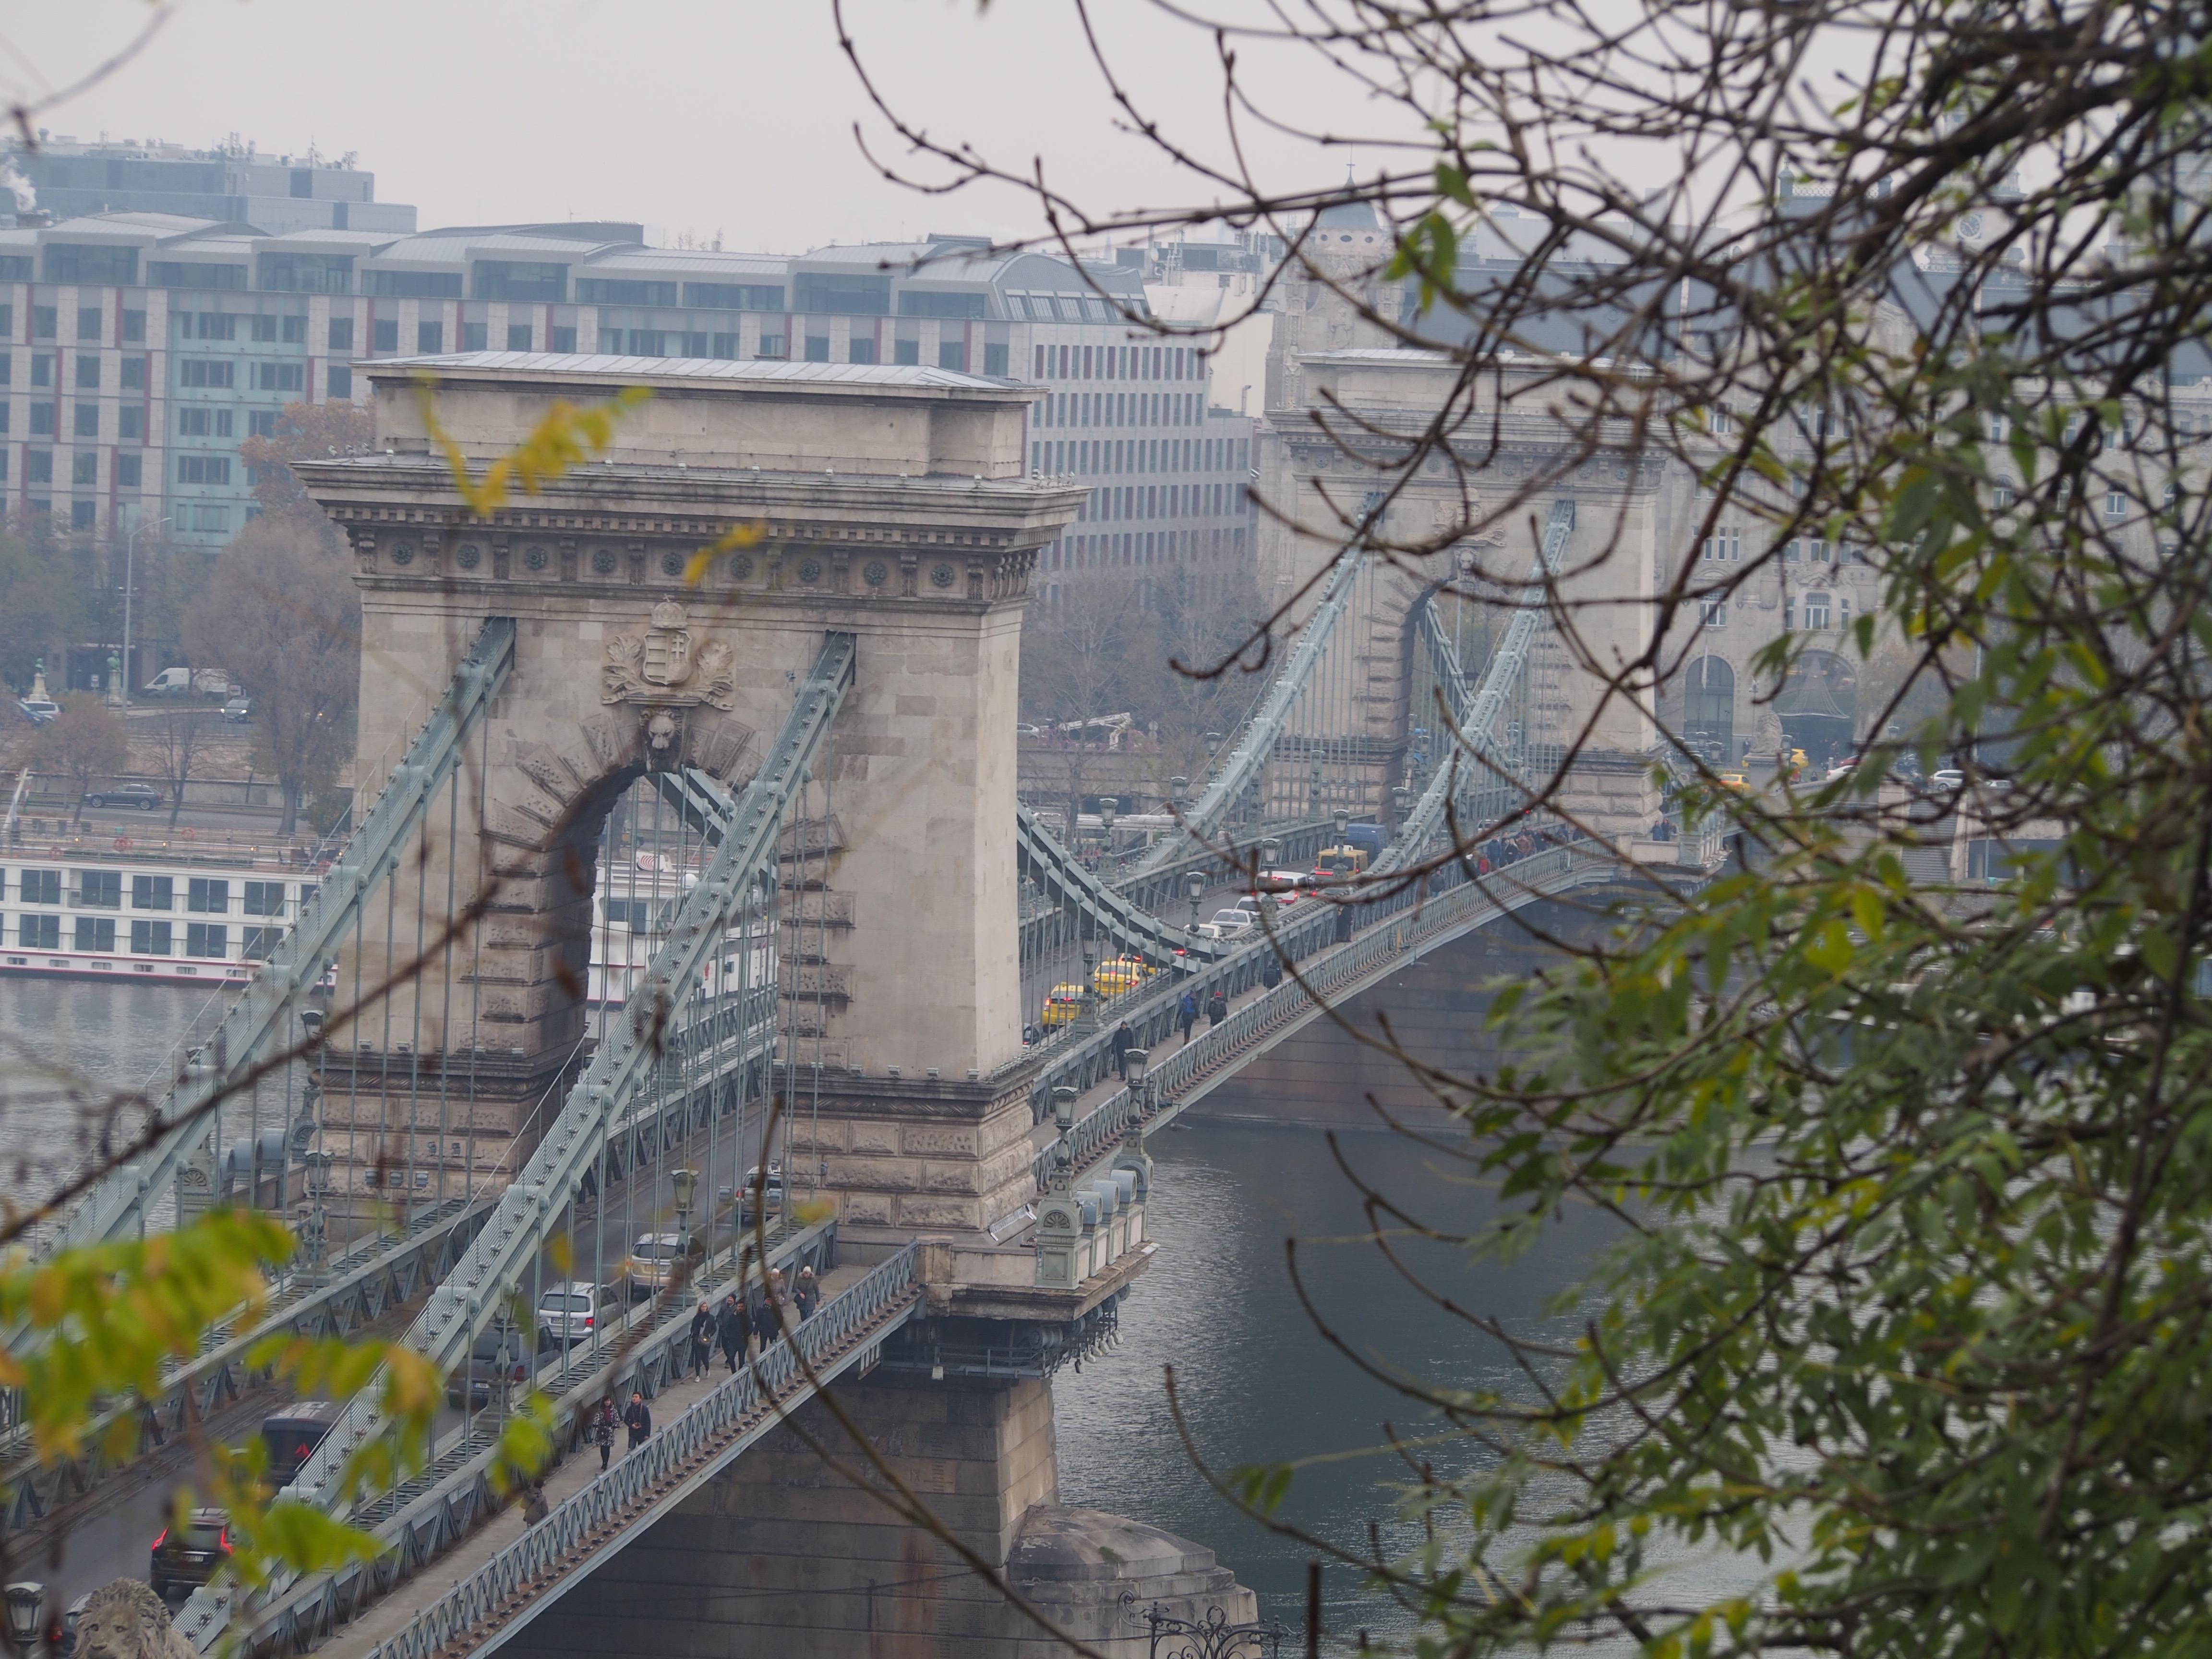 Kædebroen på vej ned ad bakken